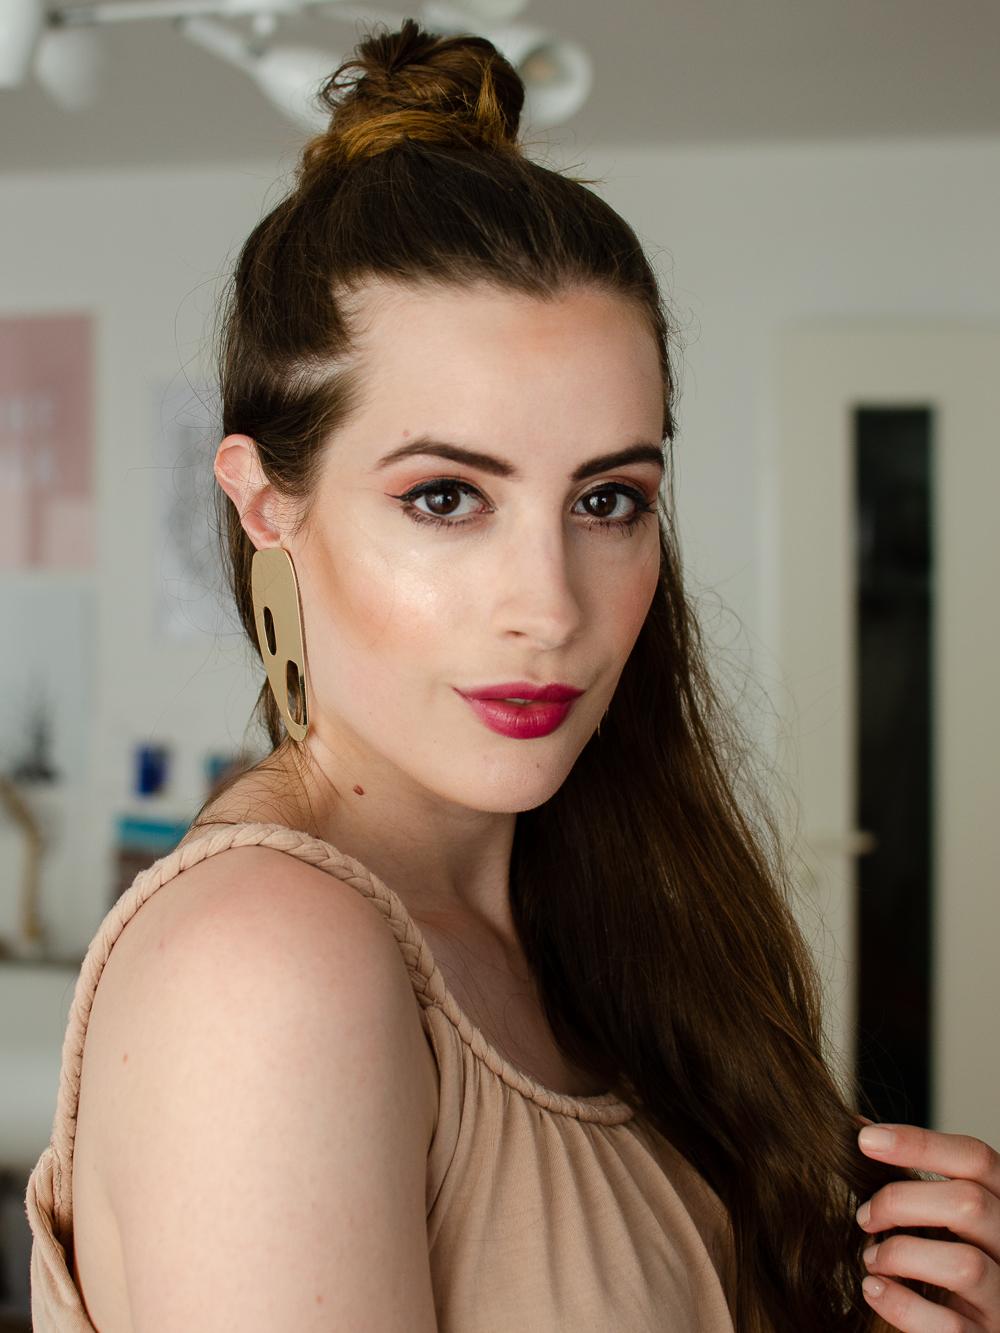 Beauty Frisur Tipp Half Bun Und Sommer Glow Mit Give Away